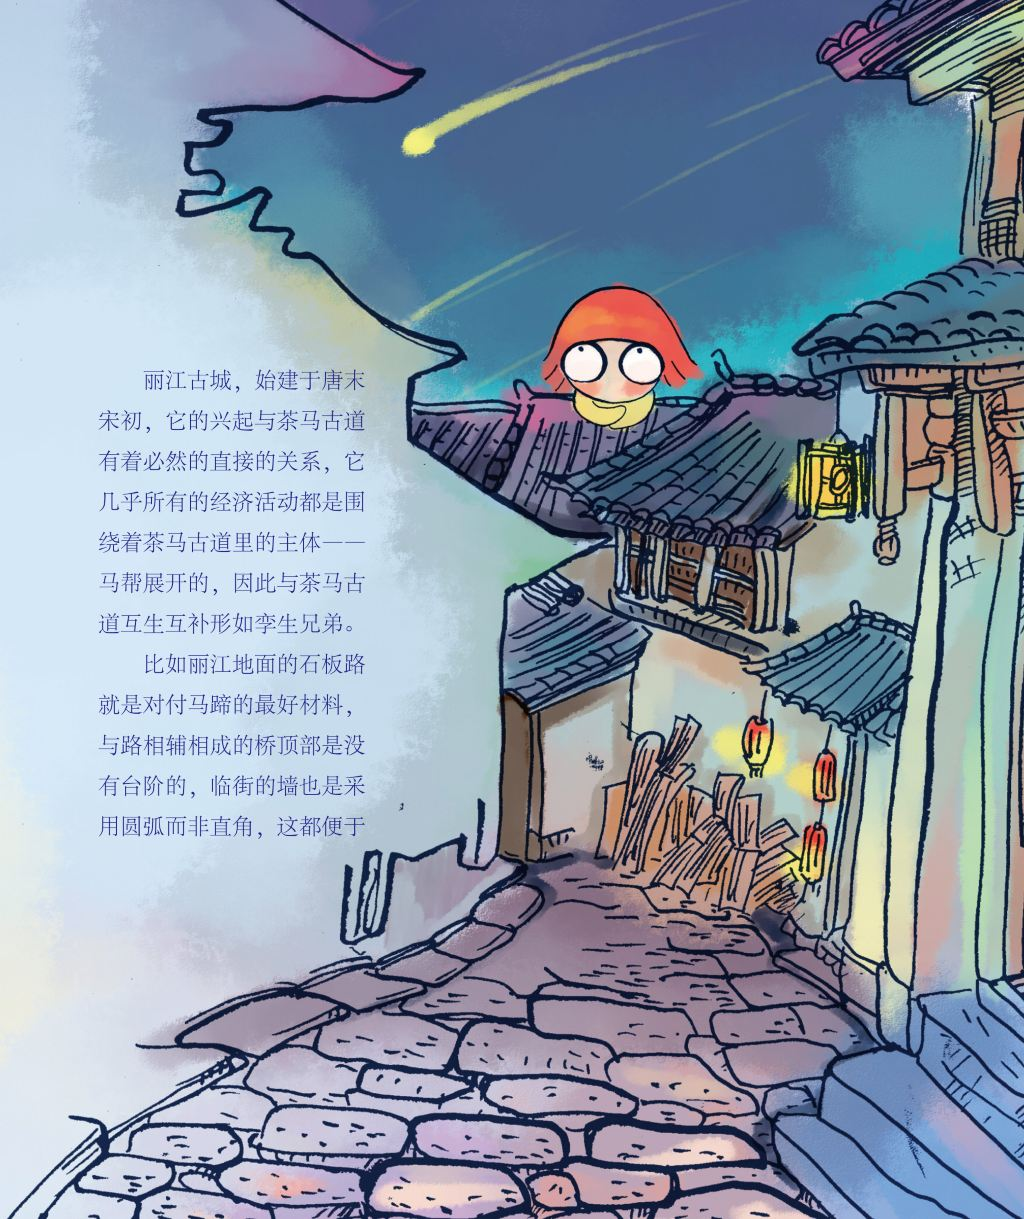 慢游时光——手绘丽江【让你无导游,深游古镇~】